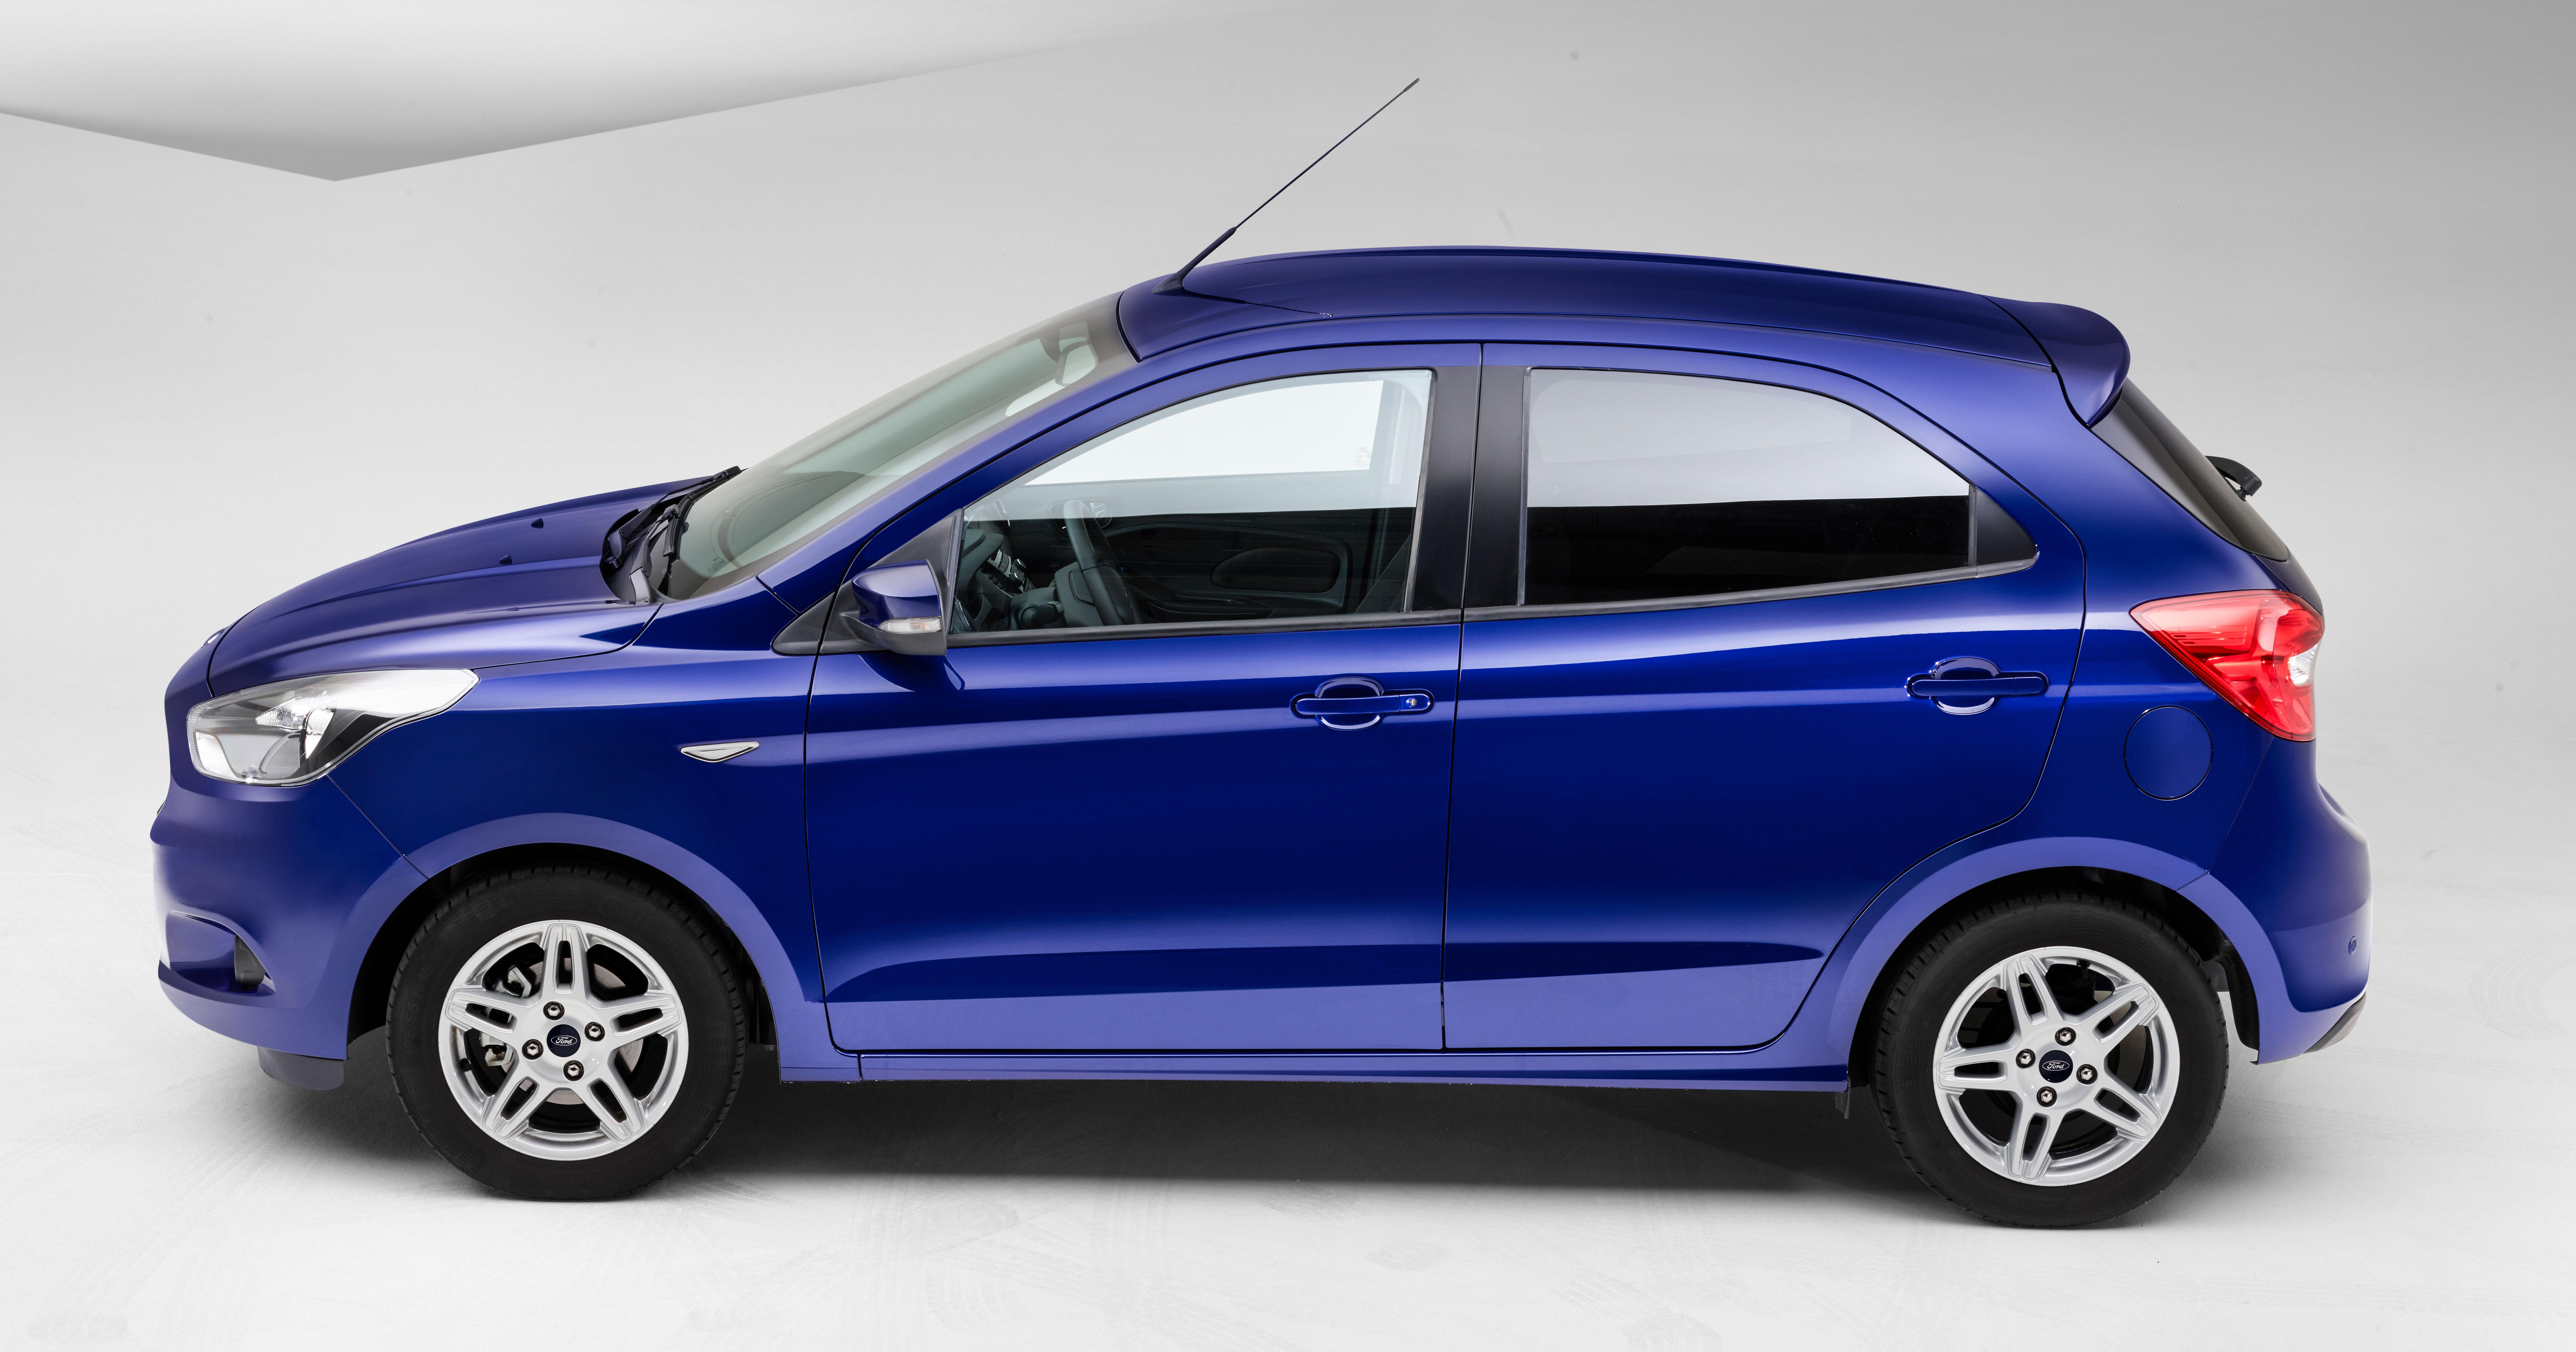 Ford KA+ makes European debut – it's the Figo Image #505171